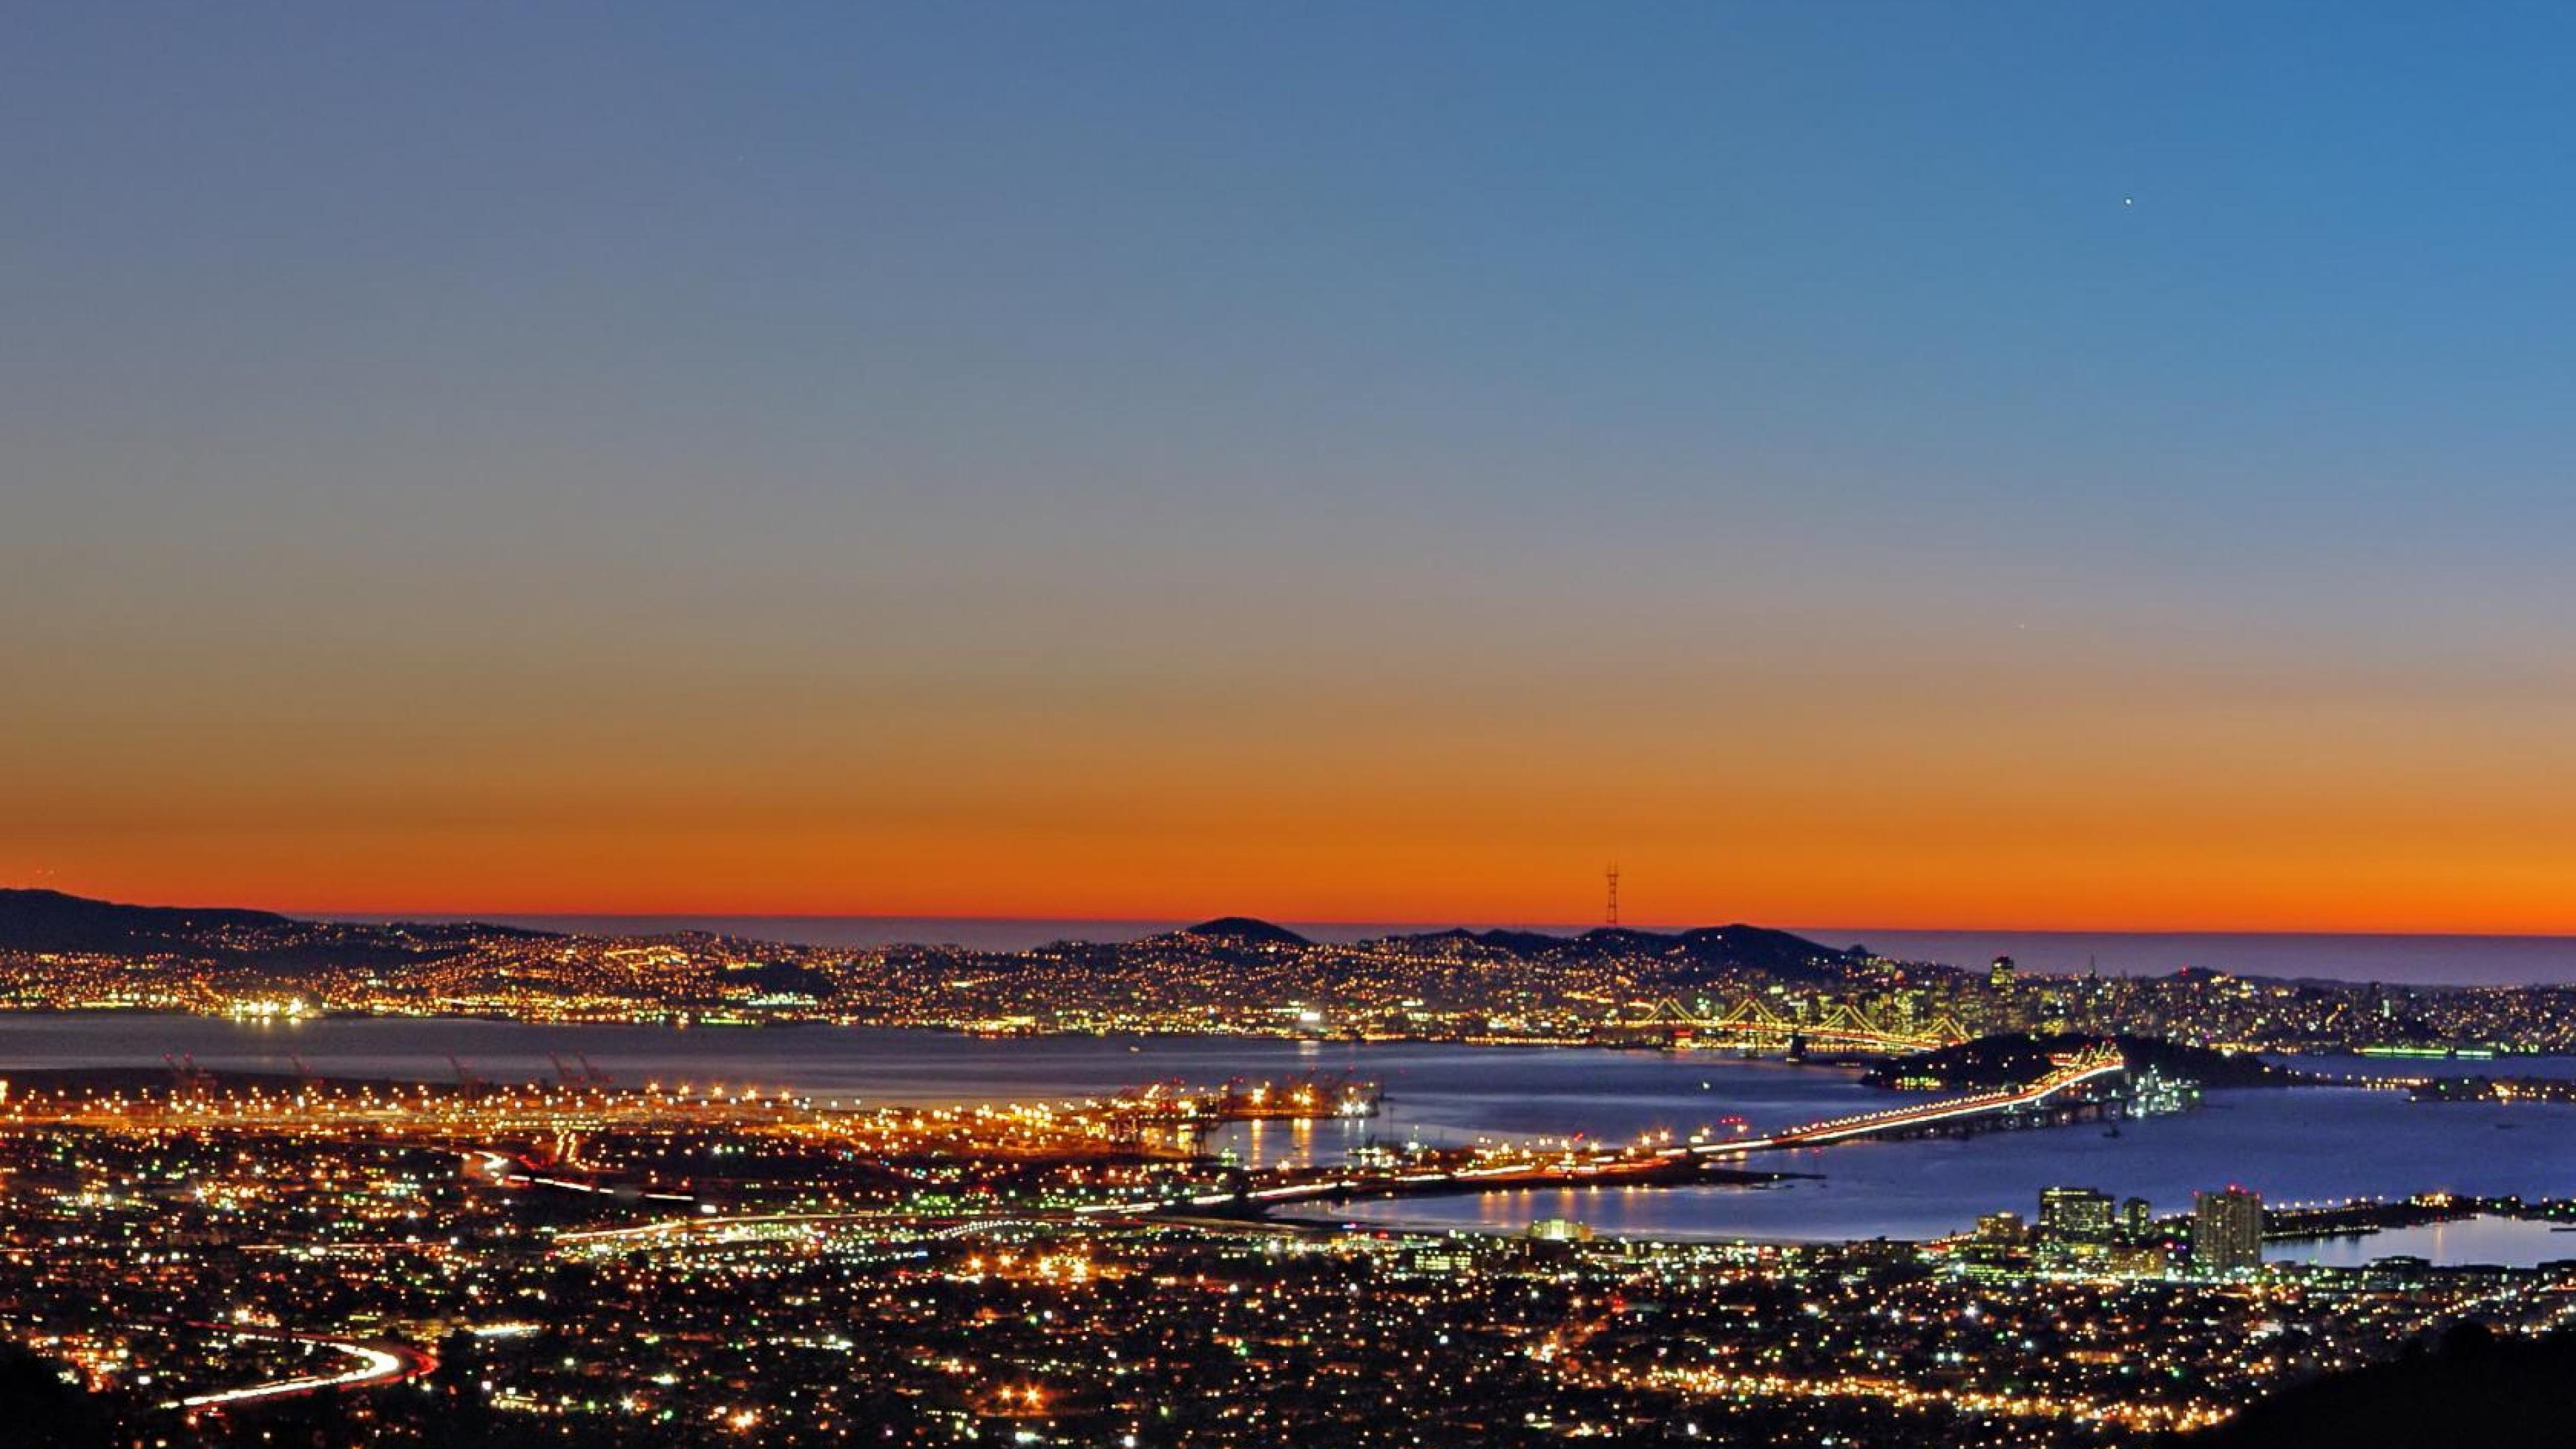 4k Wallpaper San Francisco Wallpapersafari